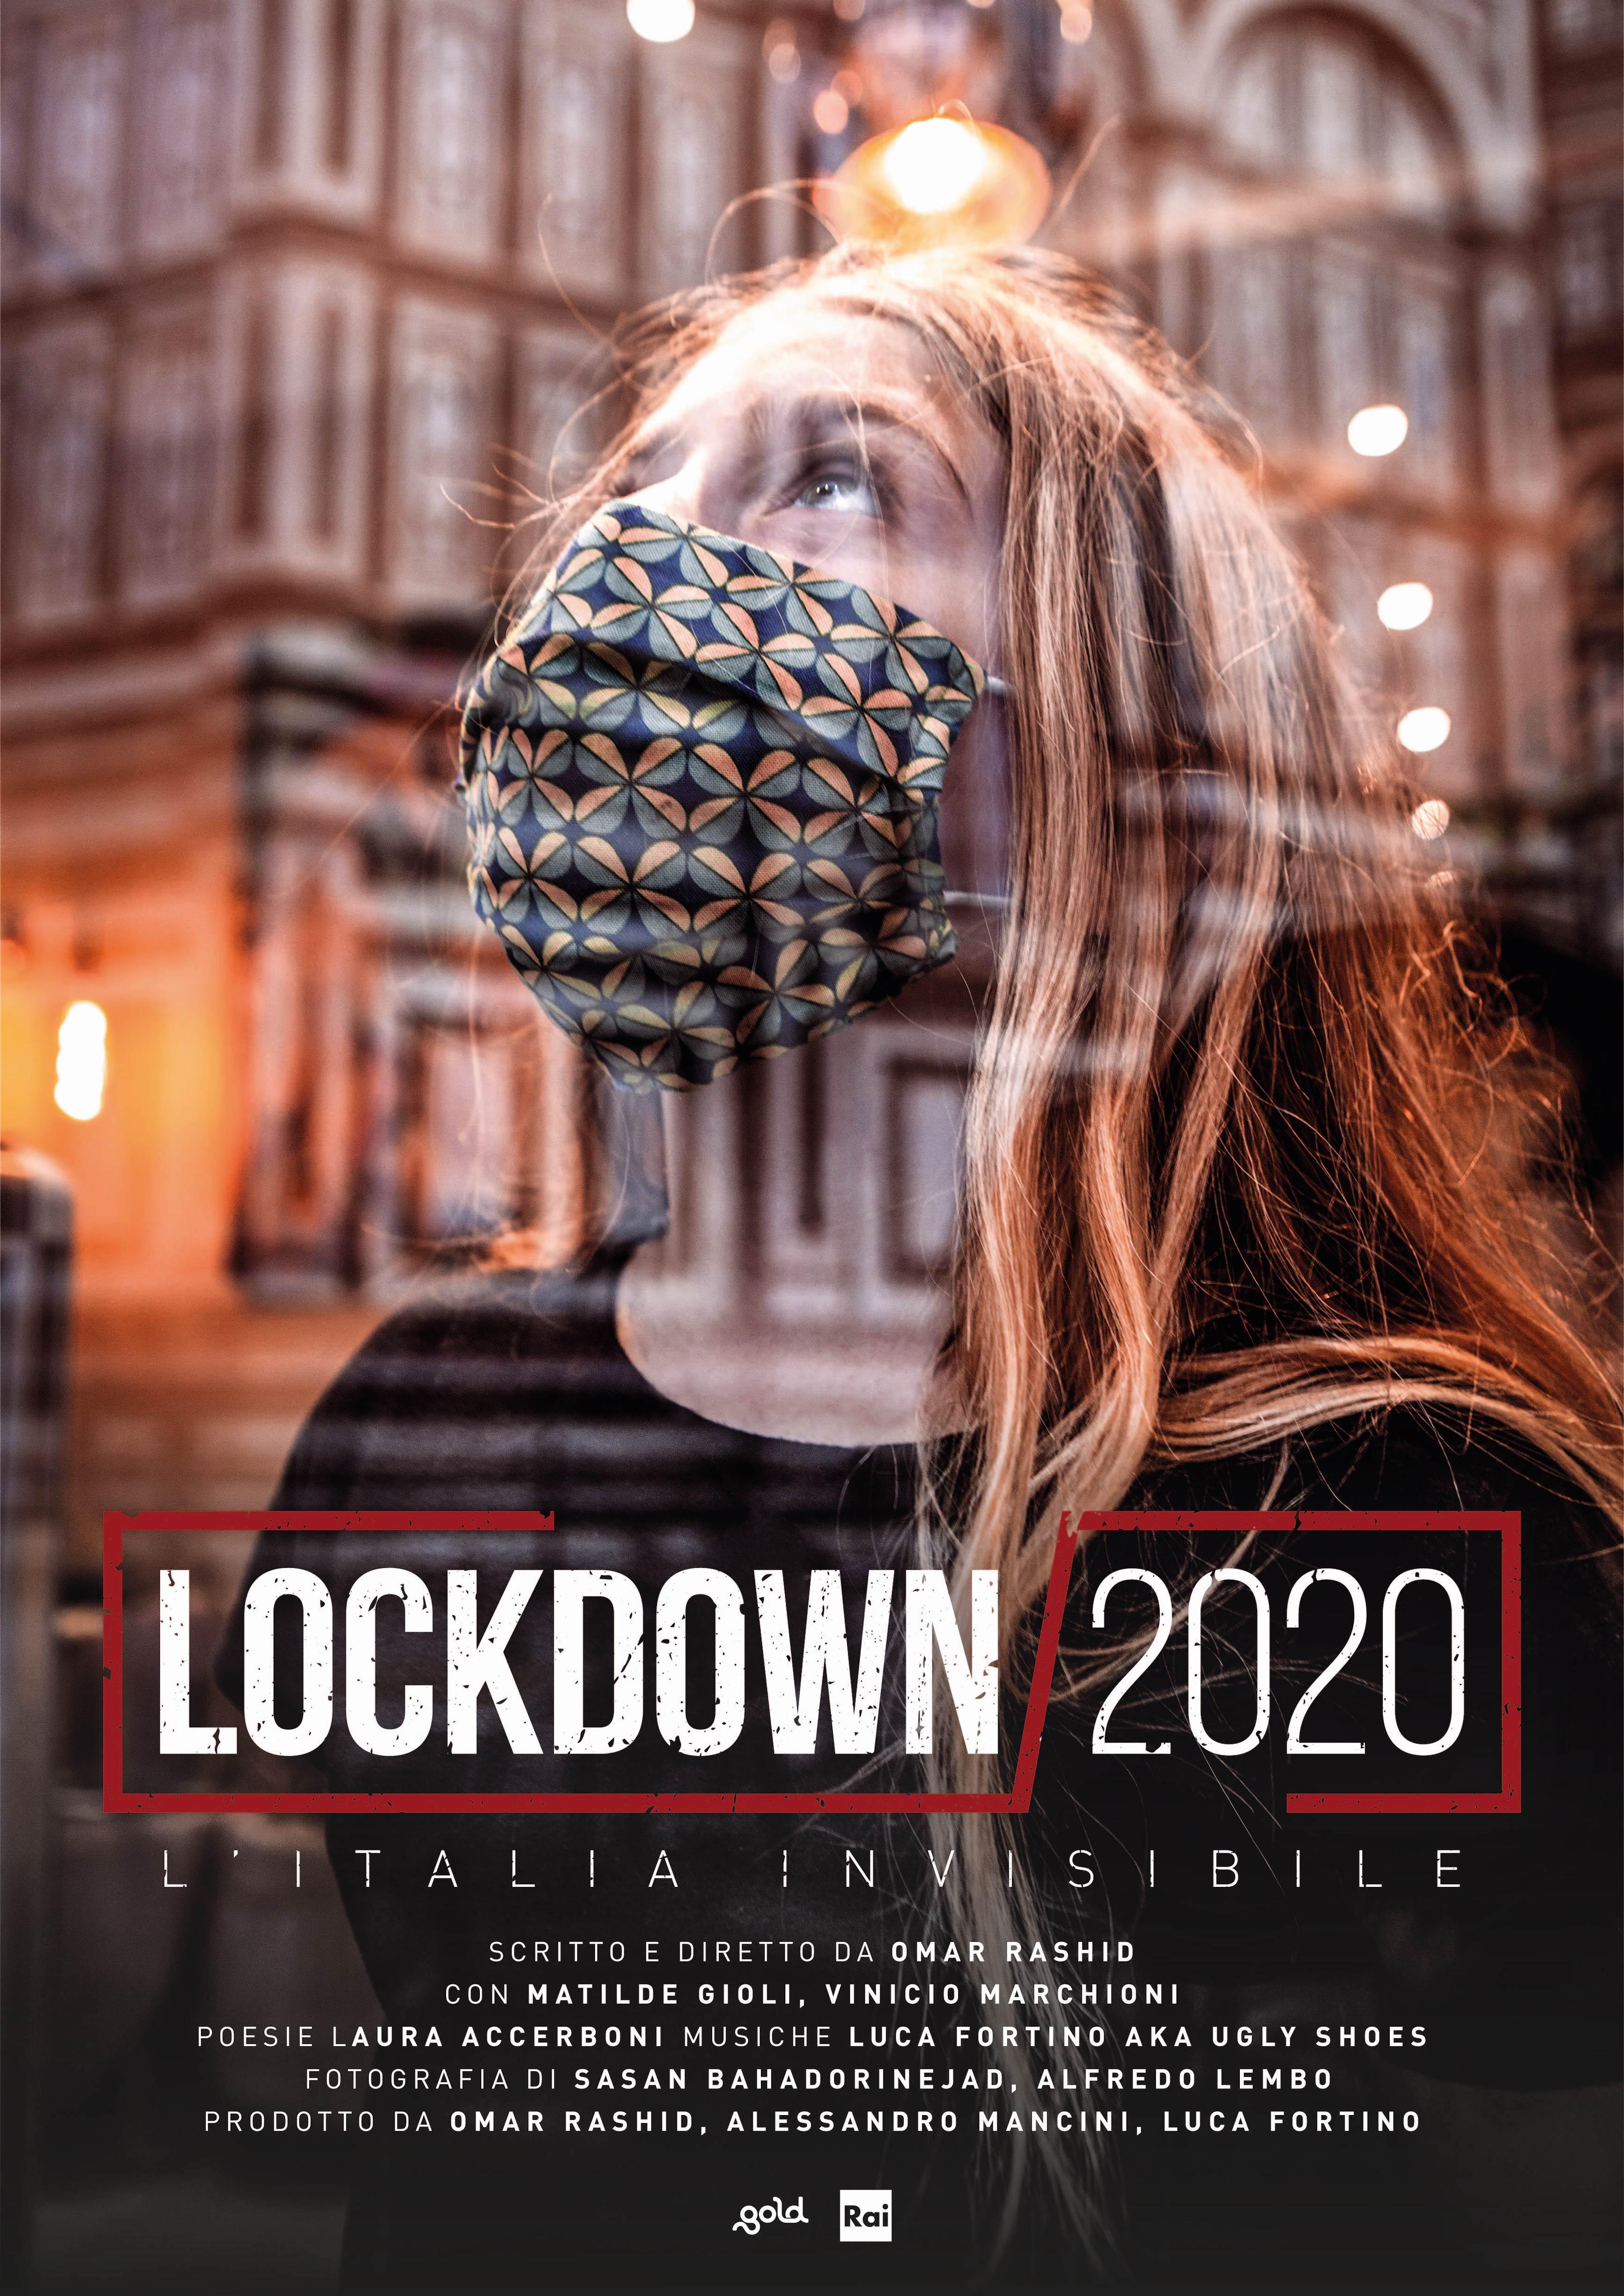 Lockdown 2020 locandina